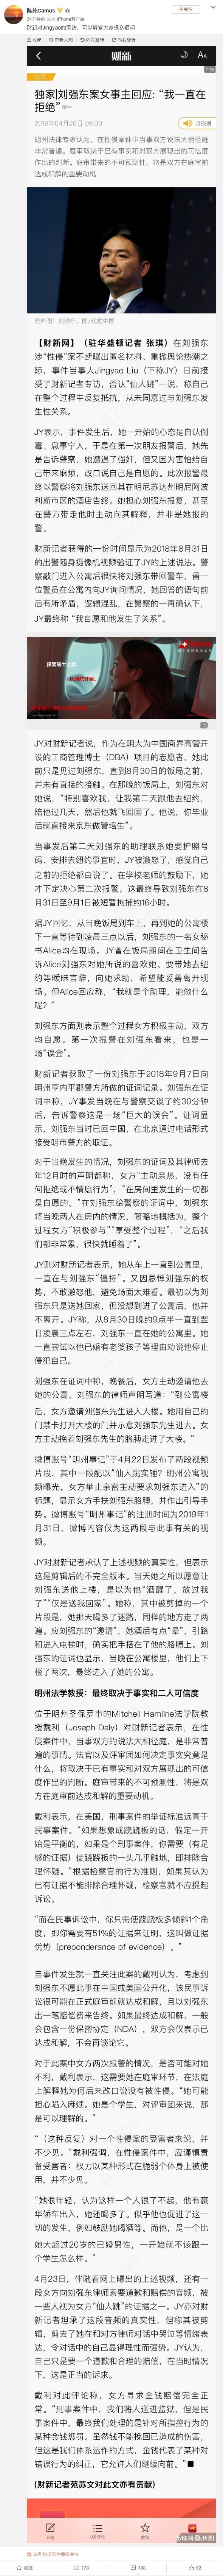 刘强东案女事主接受采访:整个过程中反复抵抗